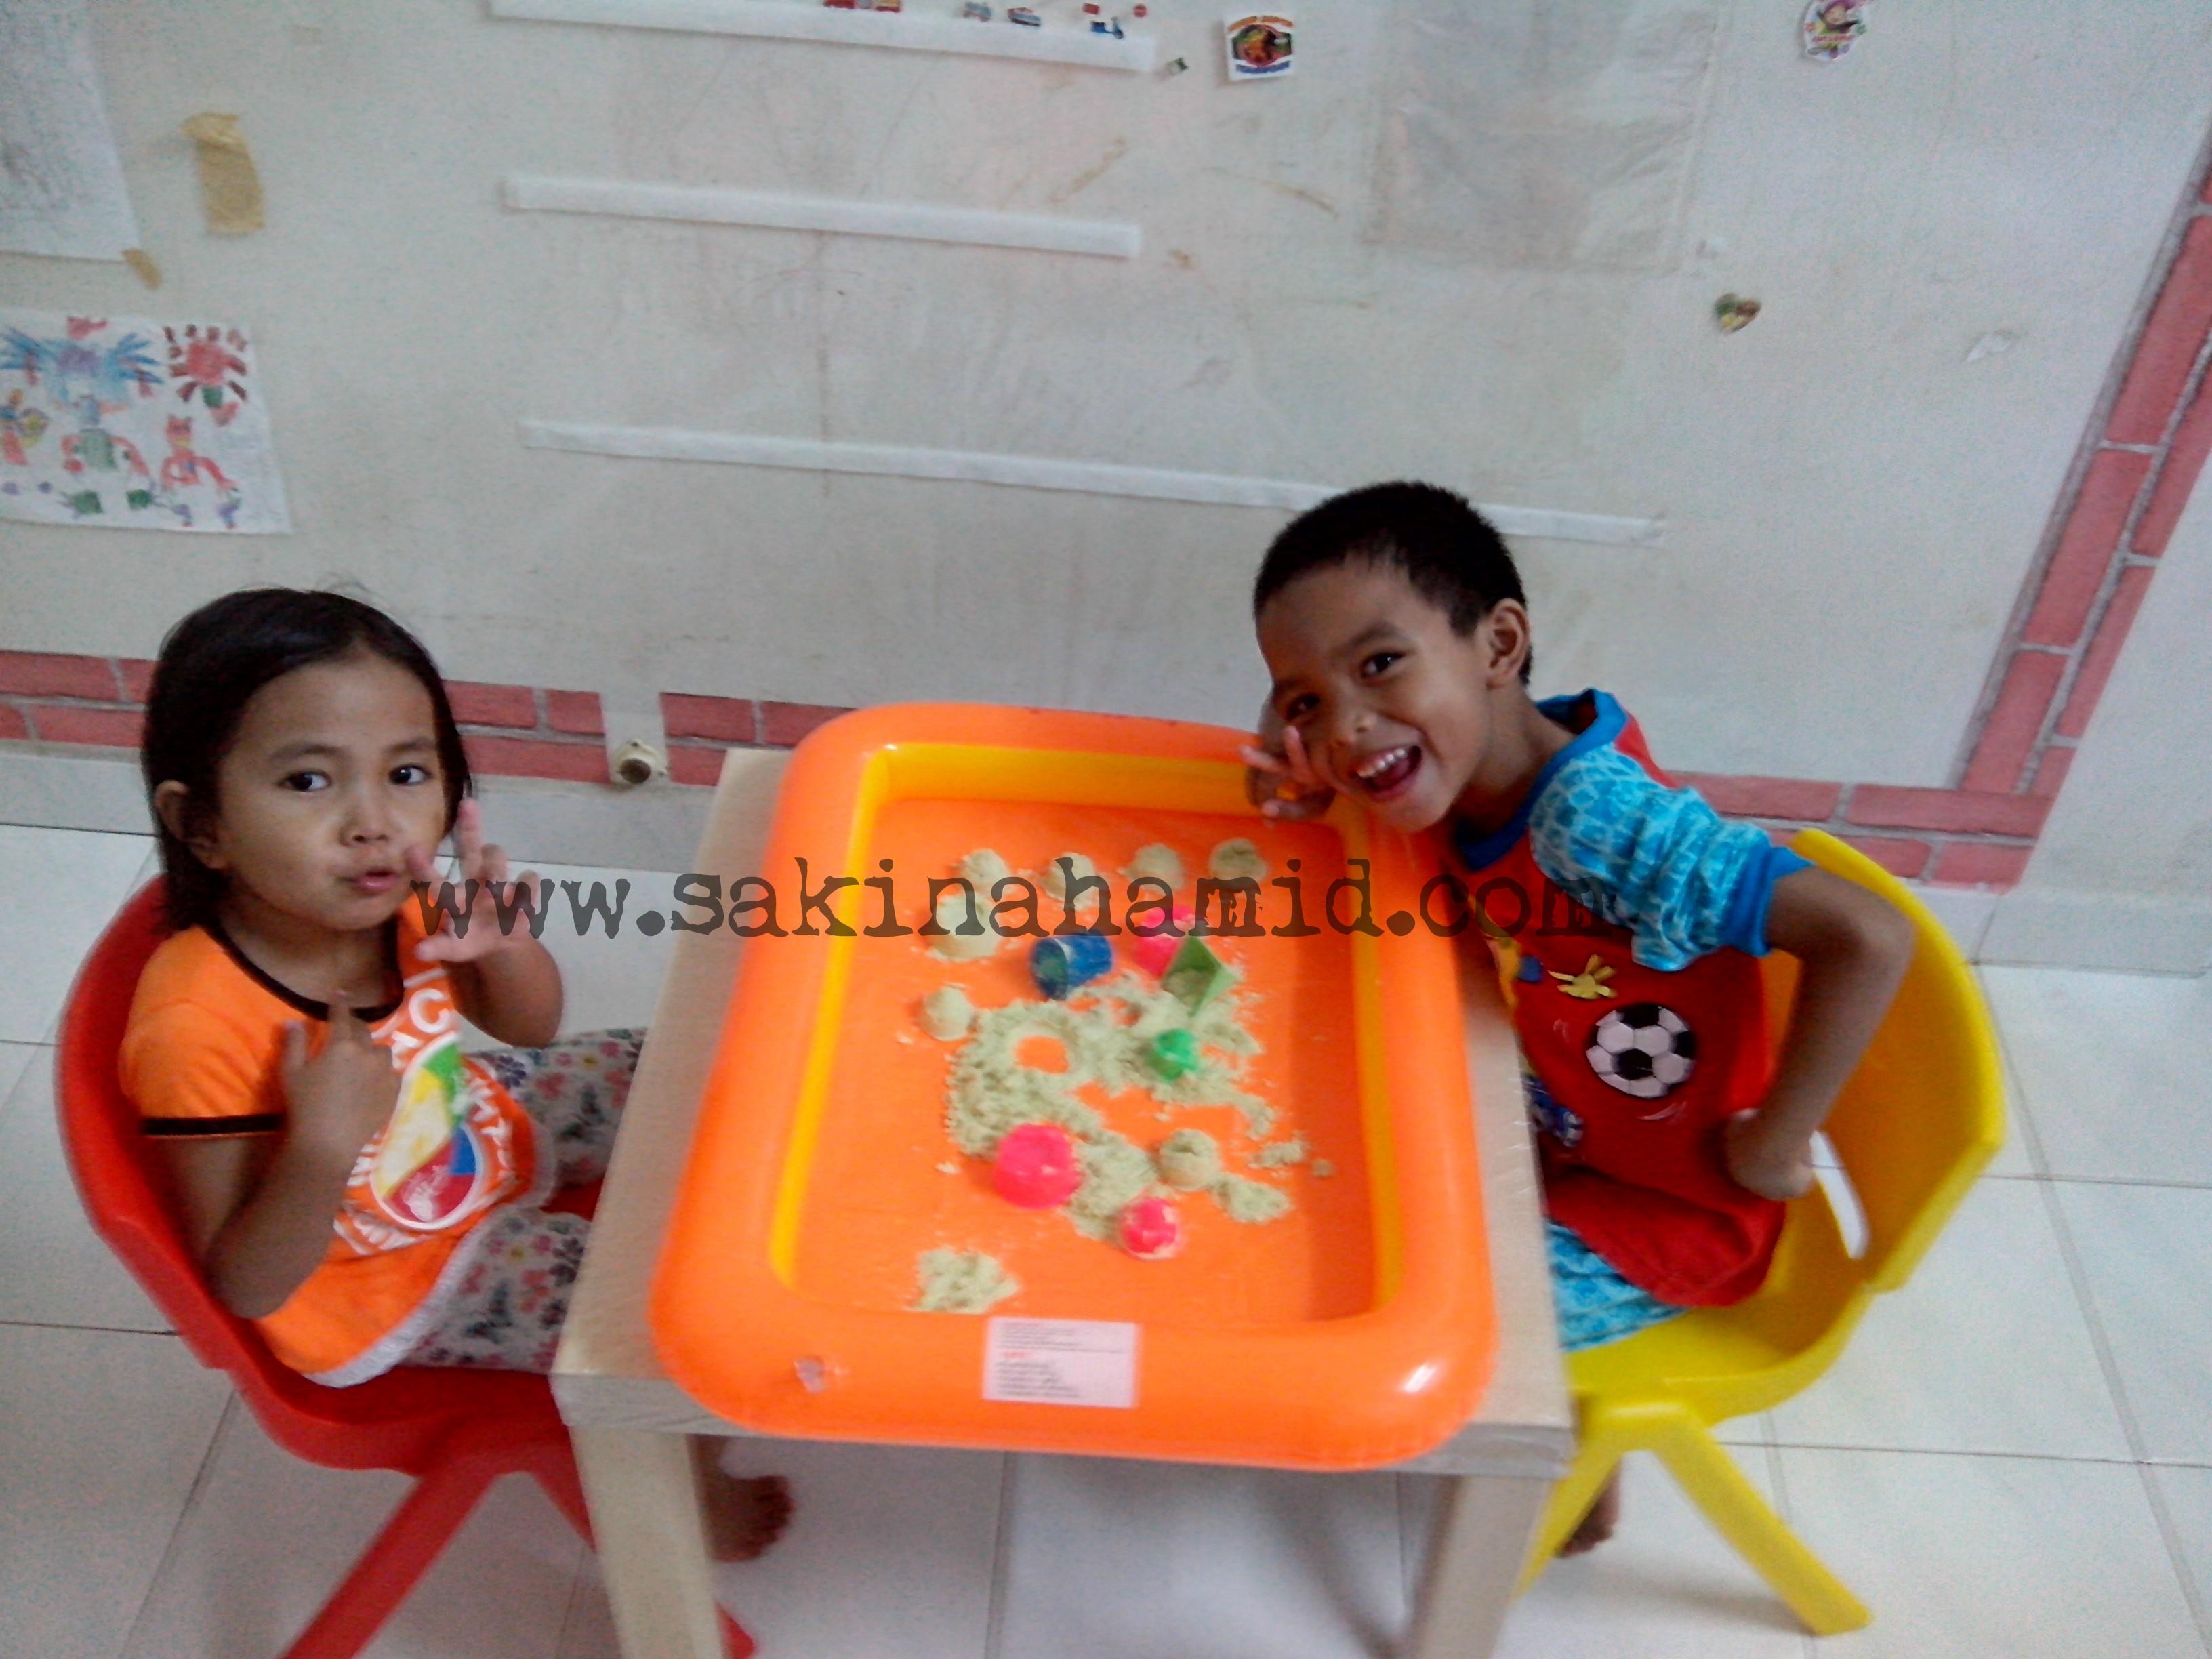 Seronok Fateh dan Faqihah main kinetic sand bersama